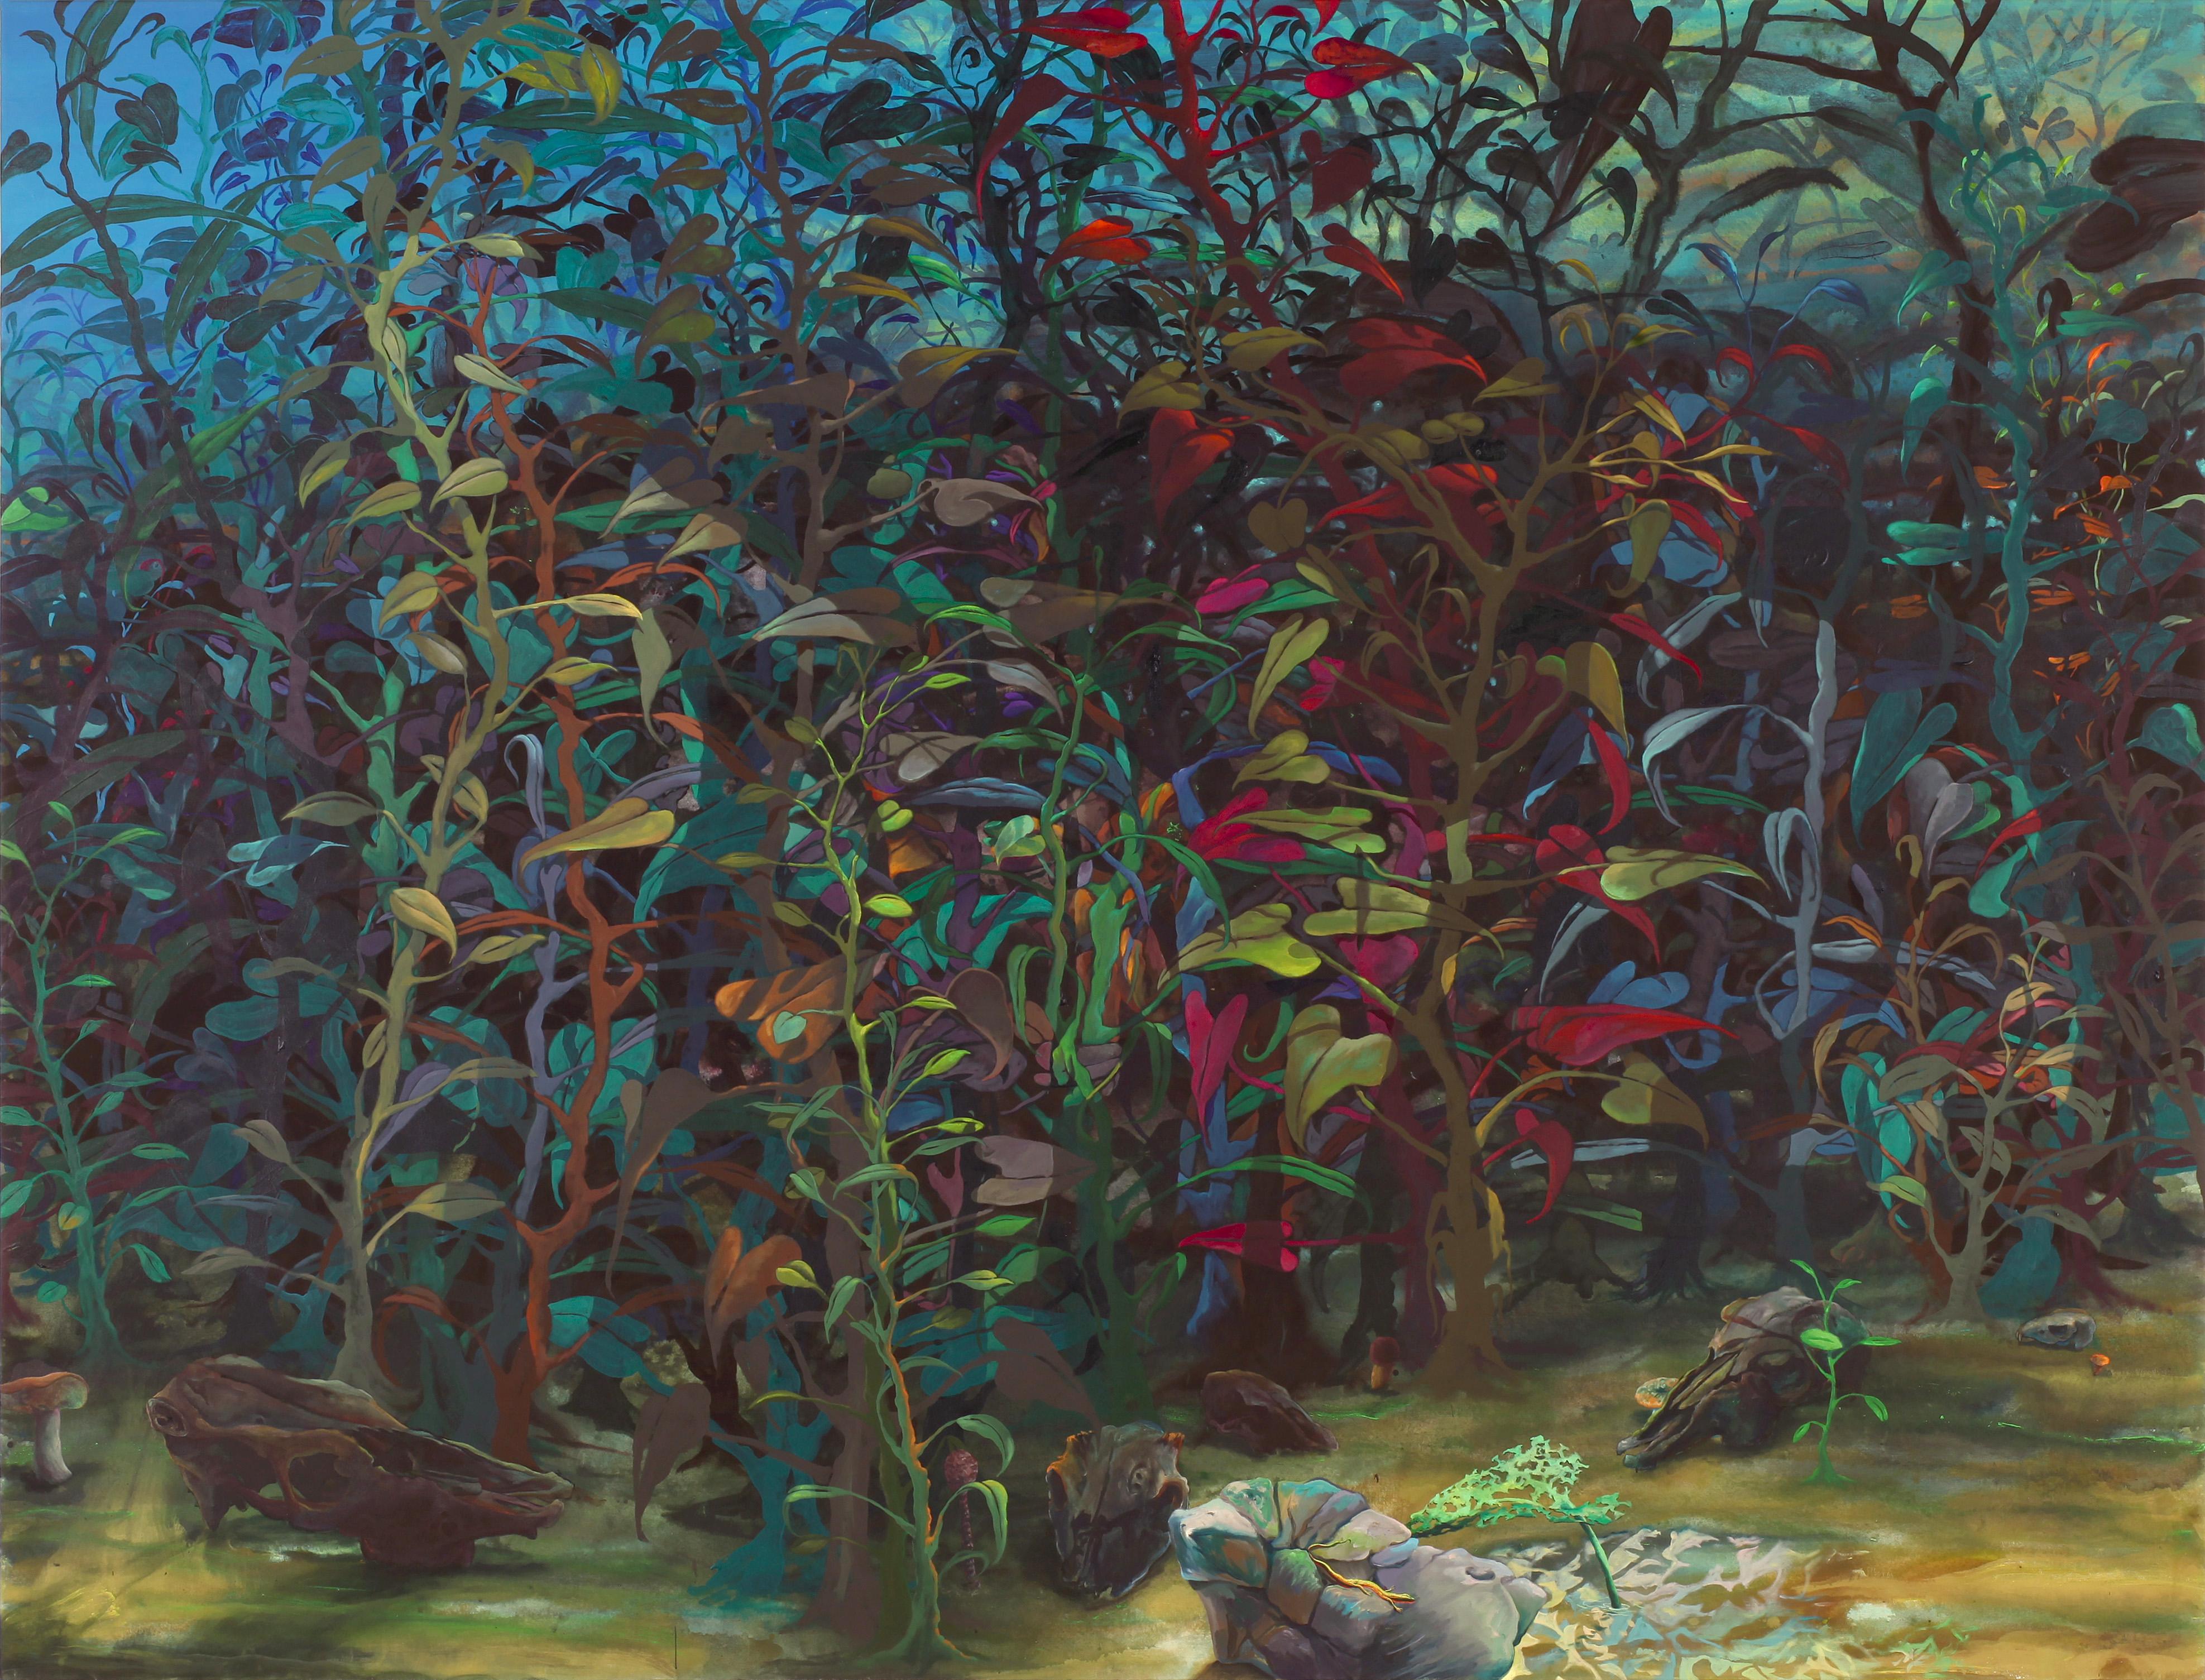 Arno Bojak - Die blaue Stunde, 220 x 290 cm, 2011, Acryl auf Nessel